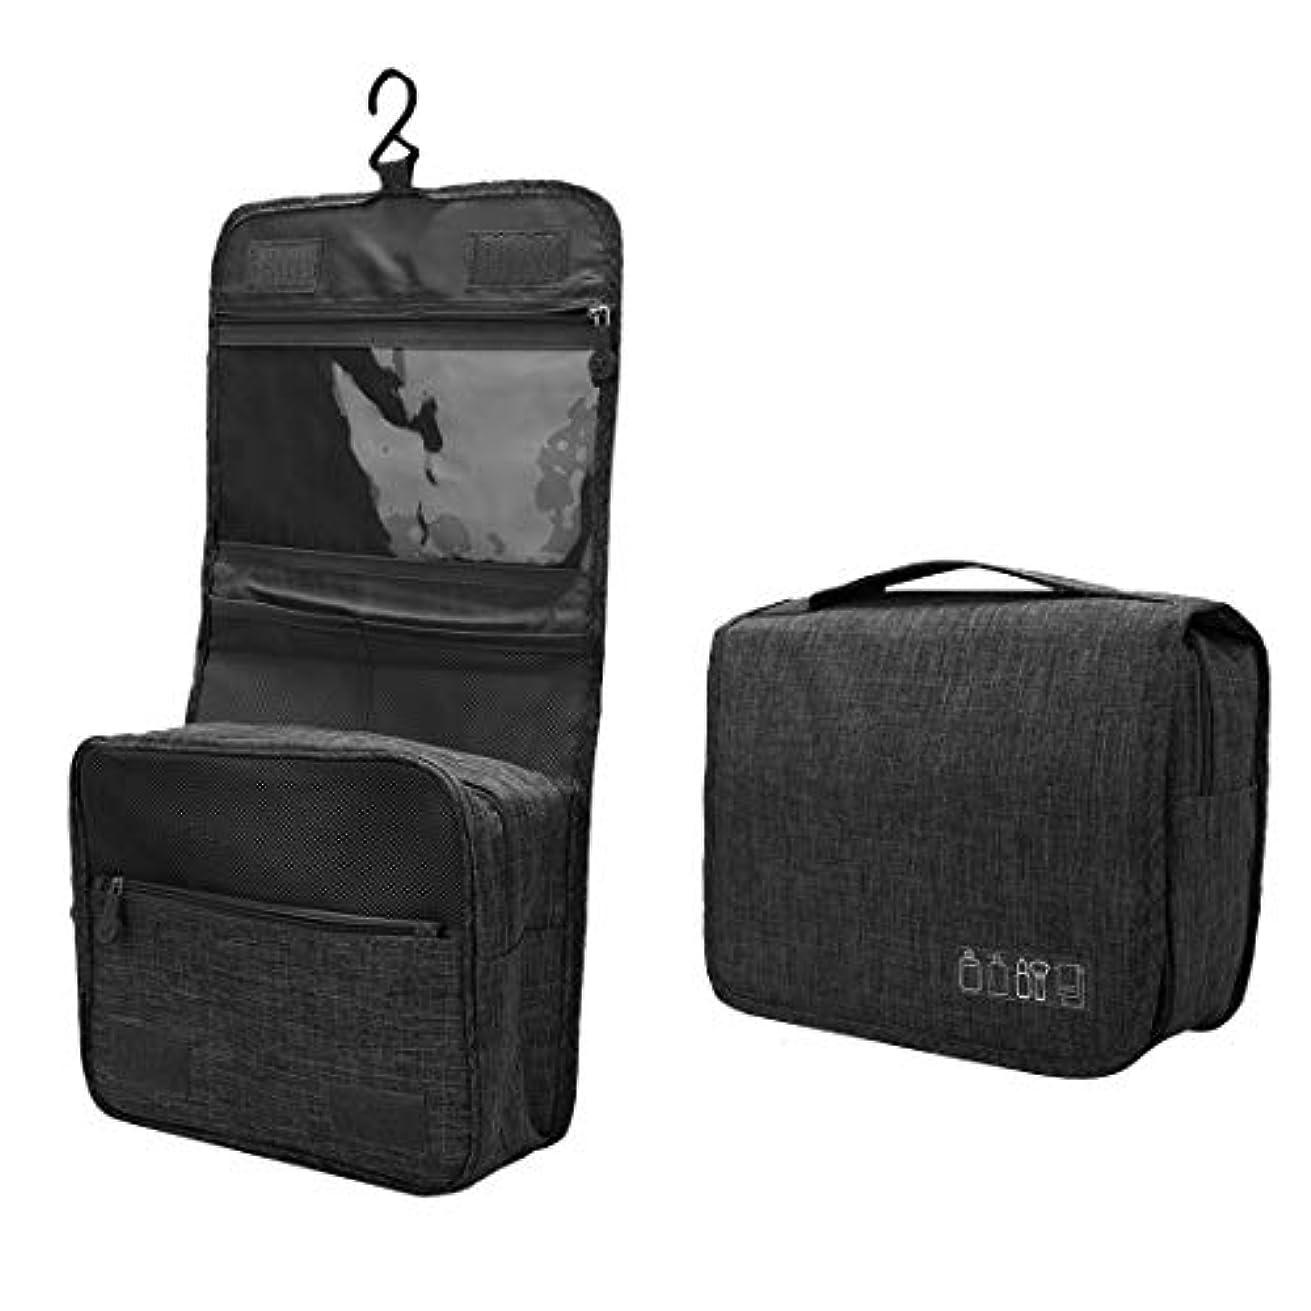 Magarrow 化粧ポーチ トラベルポーチ コスメポーチ 収納ポーチ 防水バッグ 旅行用 収納ケース